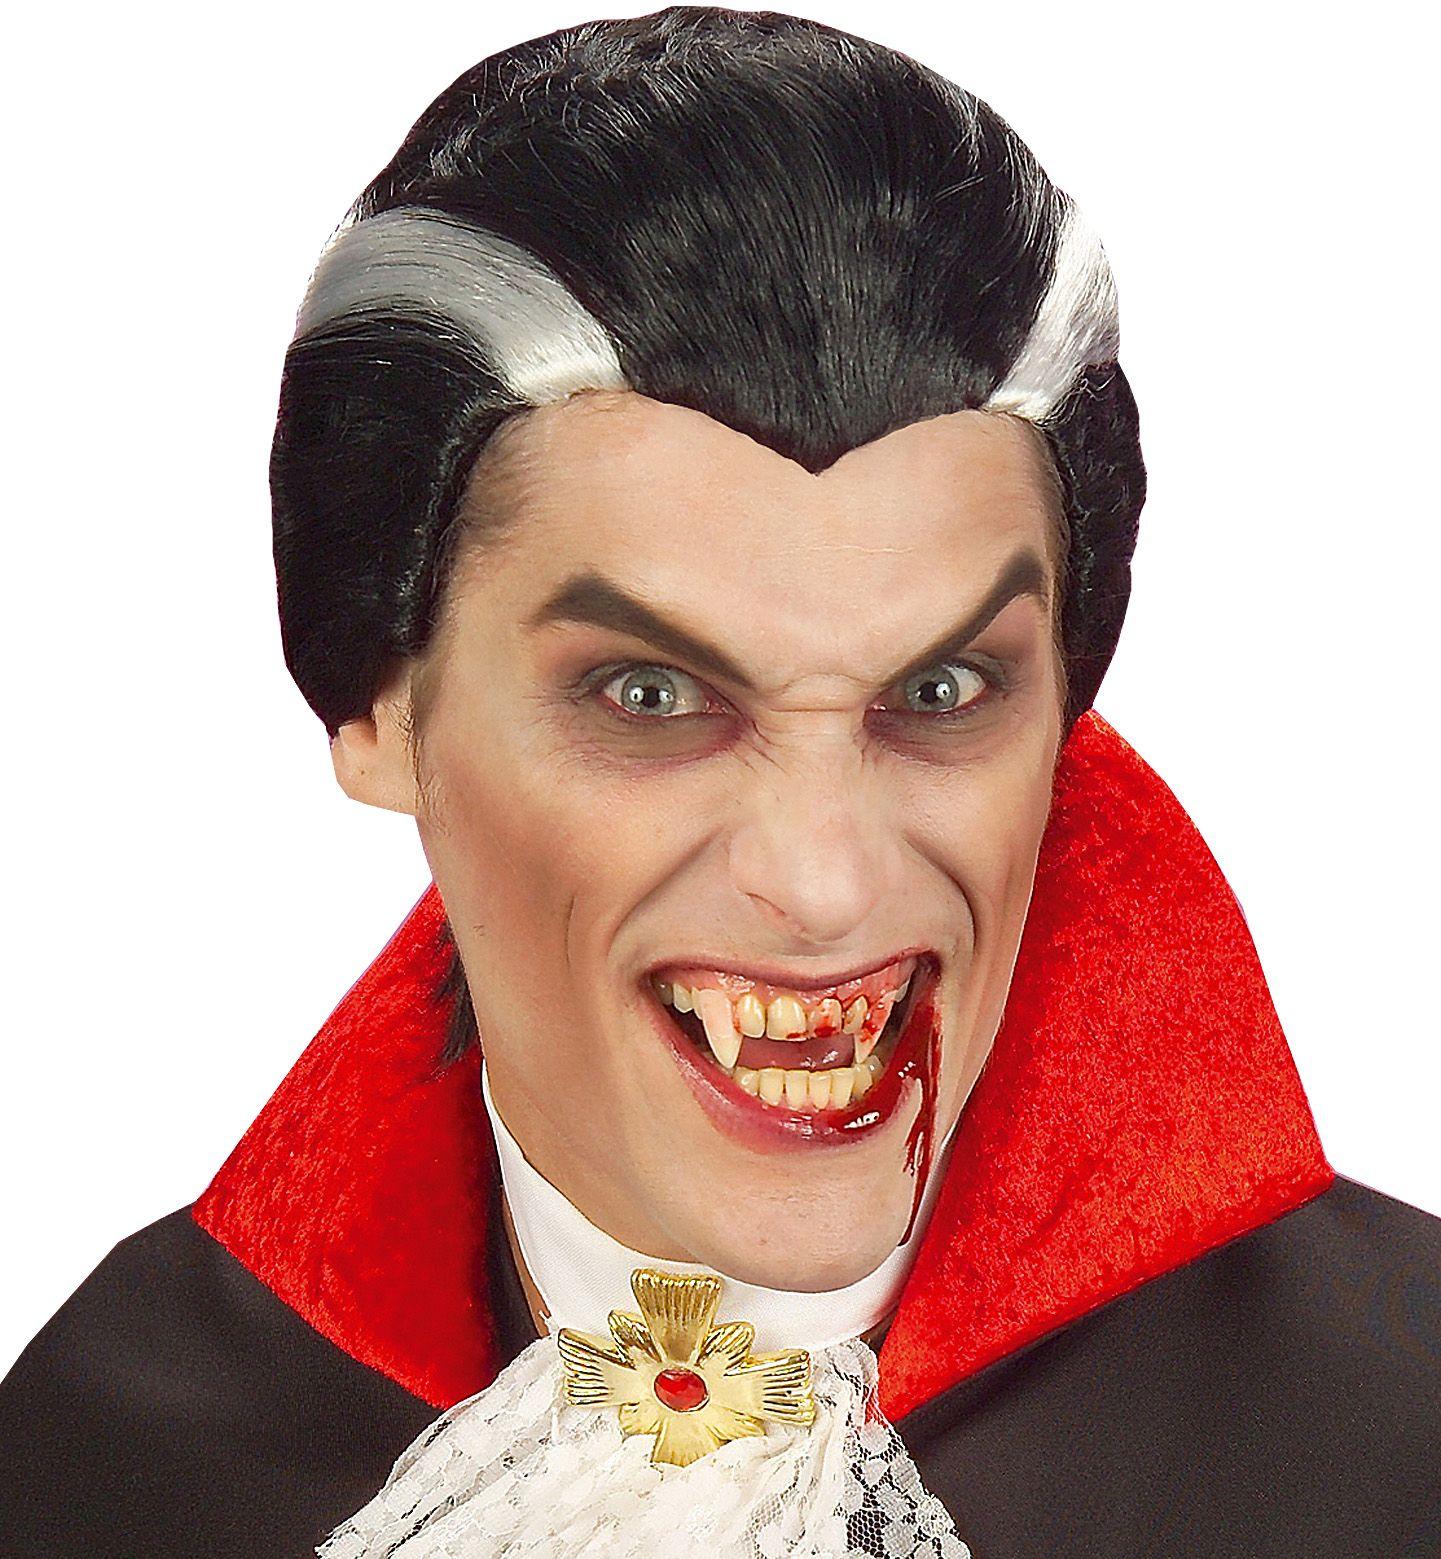 Dracula schmink met accessoires